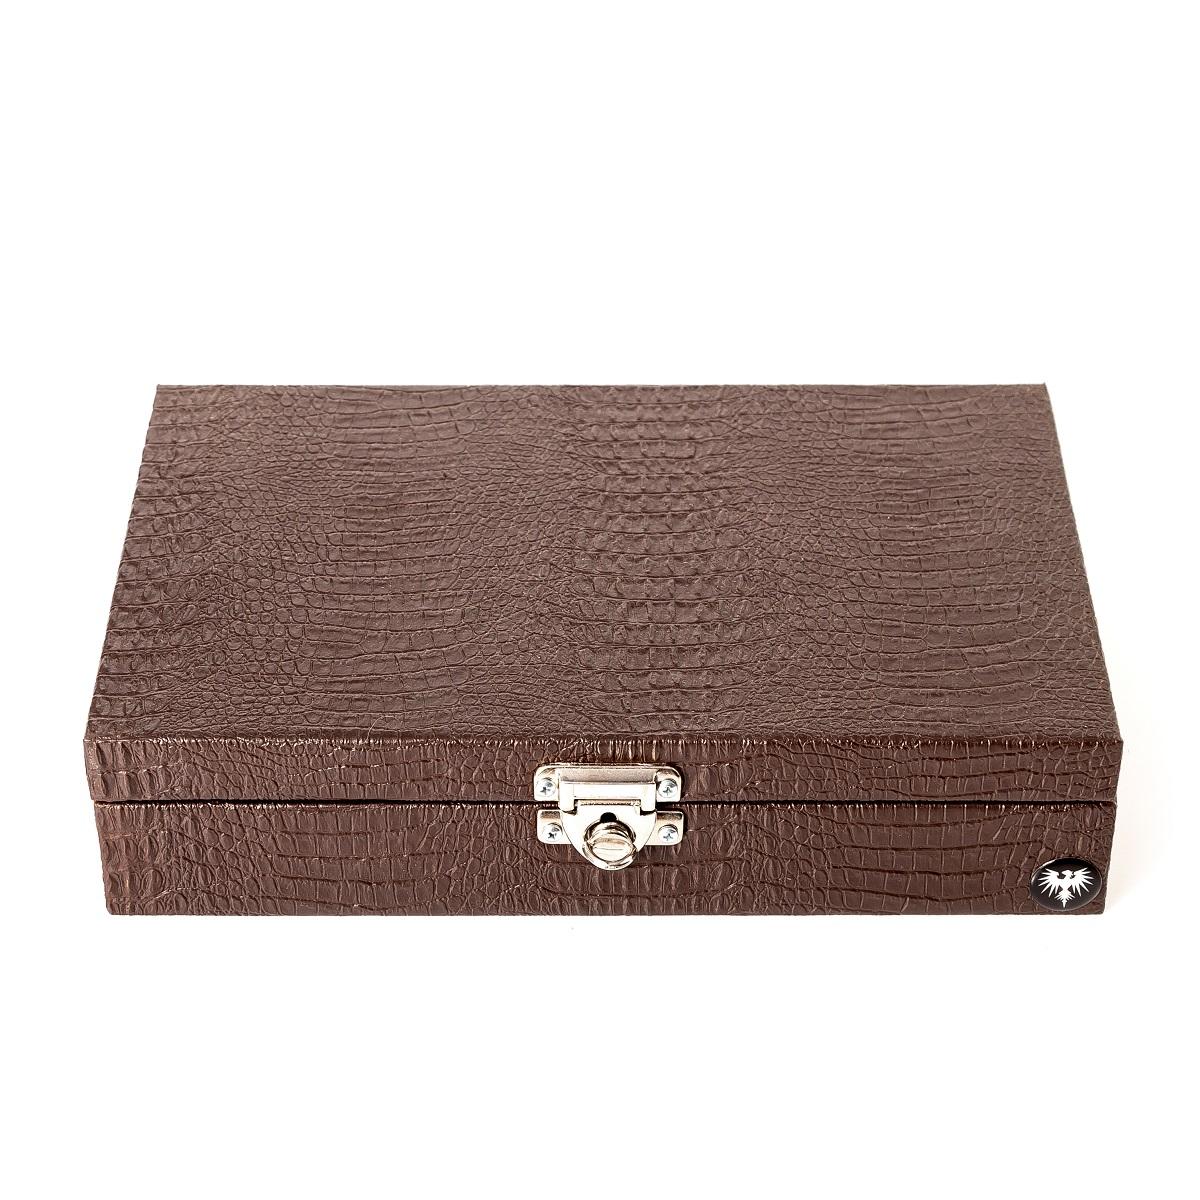 caixa-porta-joias-couro-ecologico-pequeno-marrom-bege-imagem-5.jpg